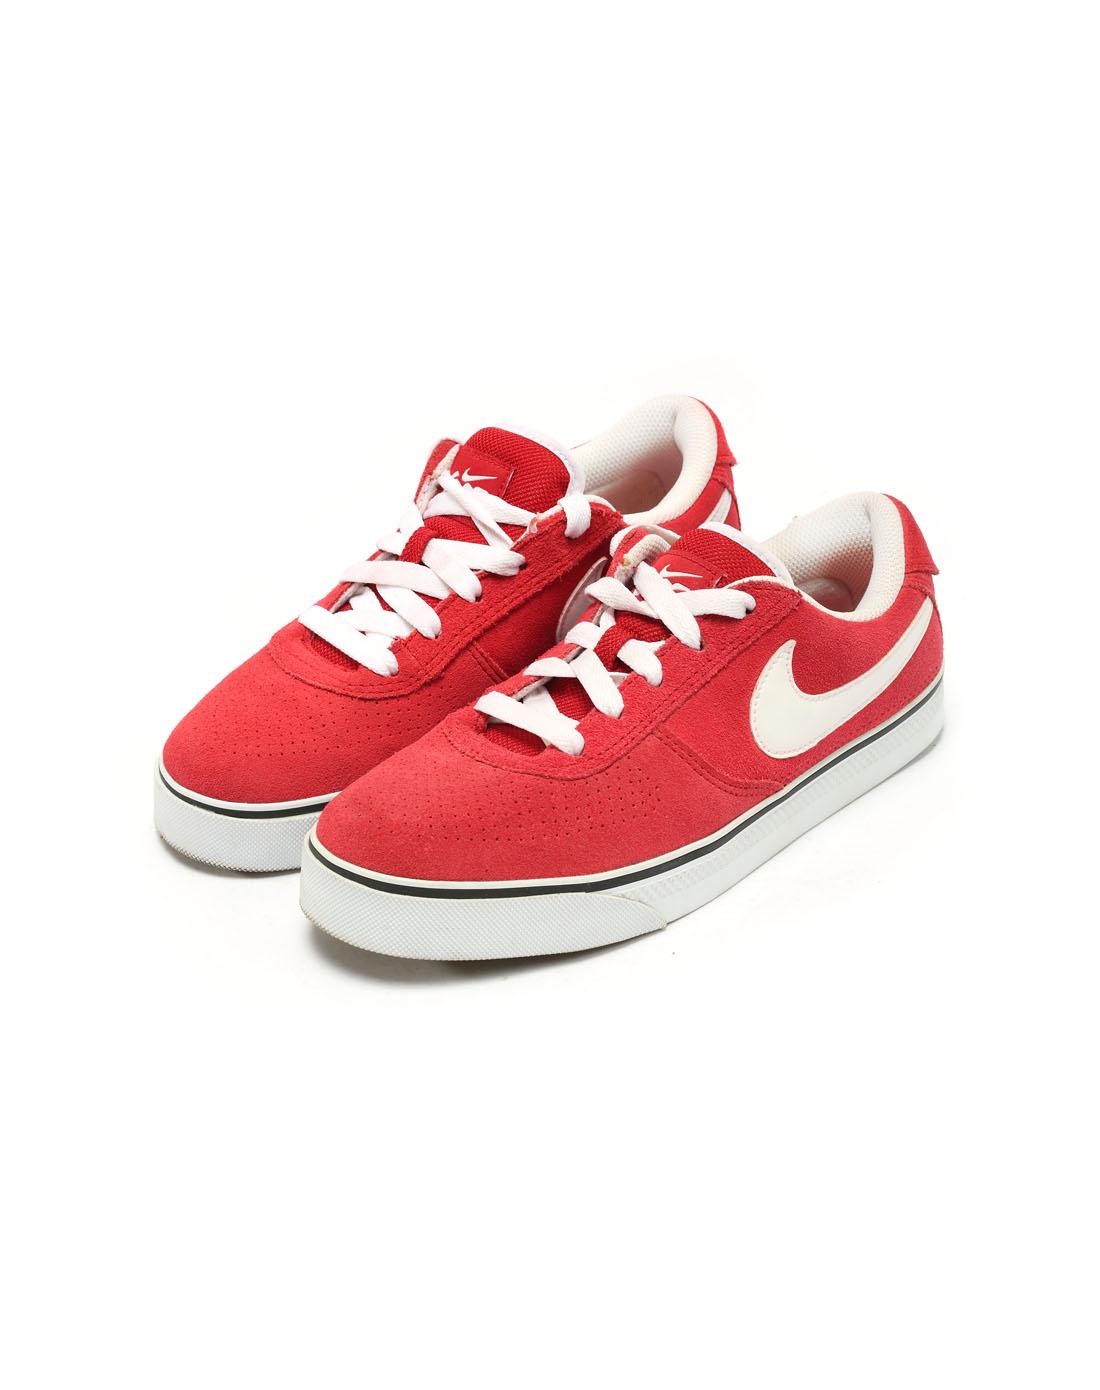 耐克nike-男子红色复古鞋442477-601